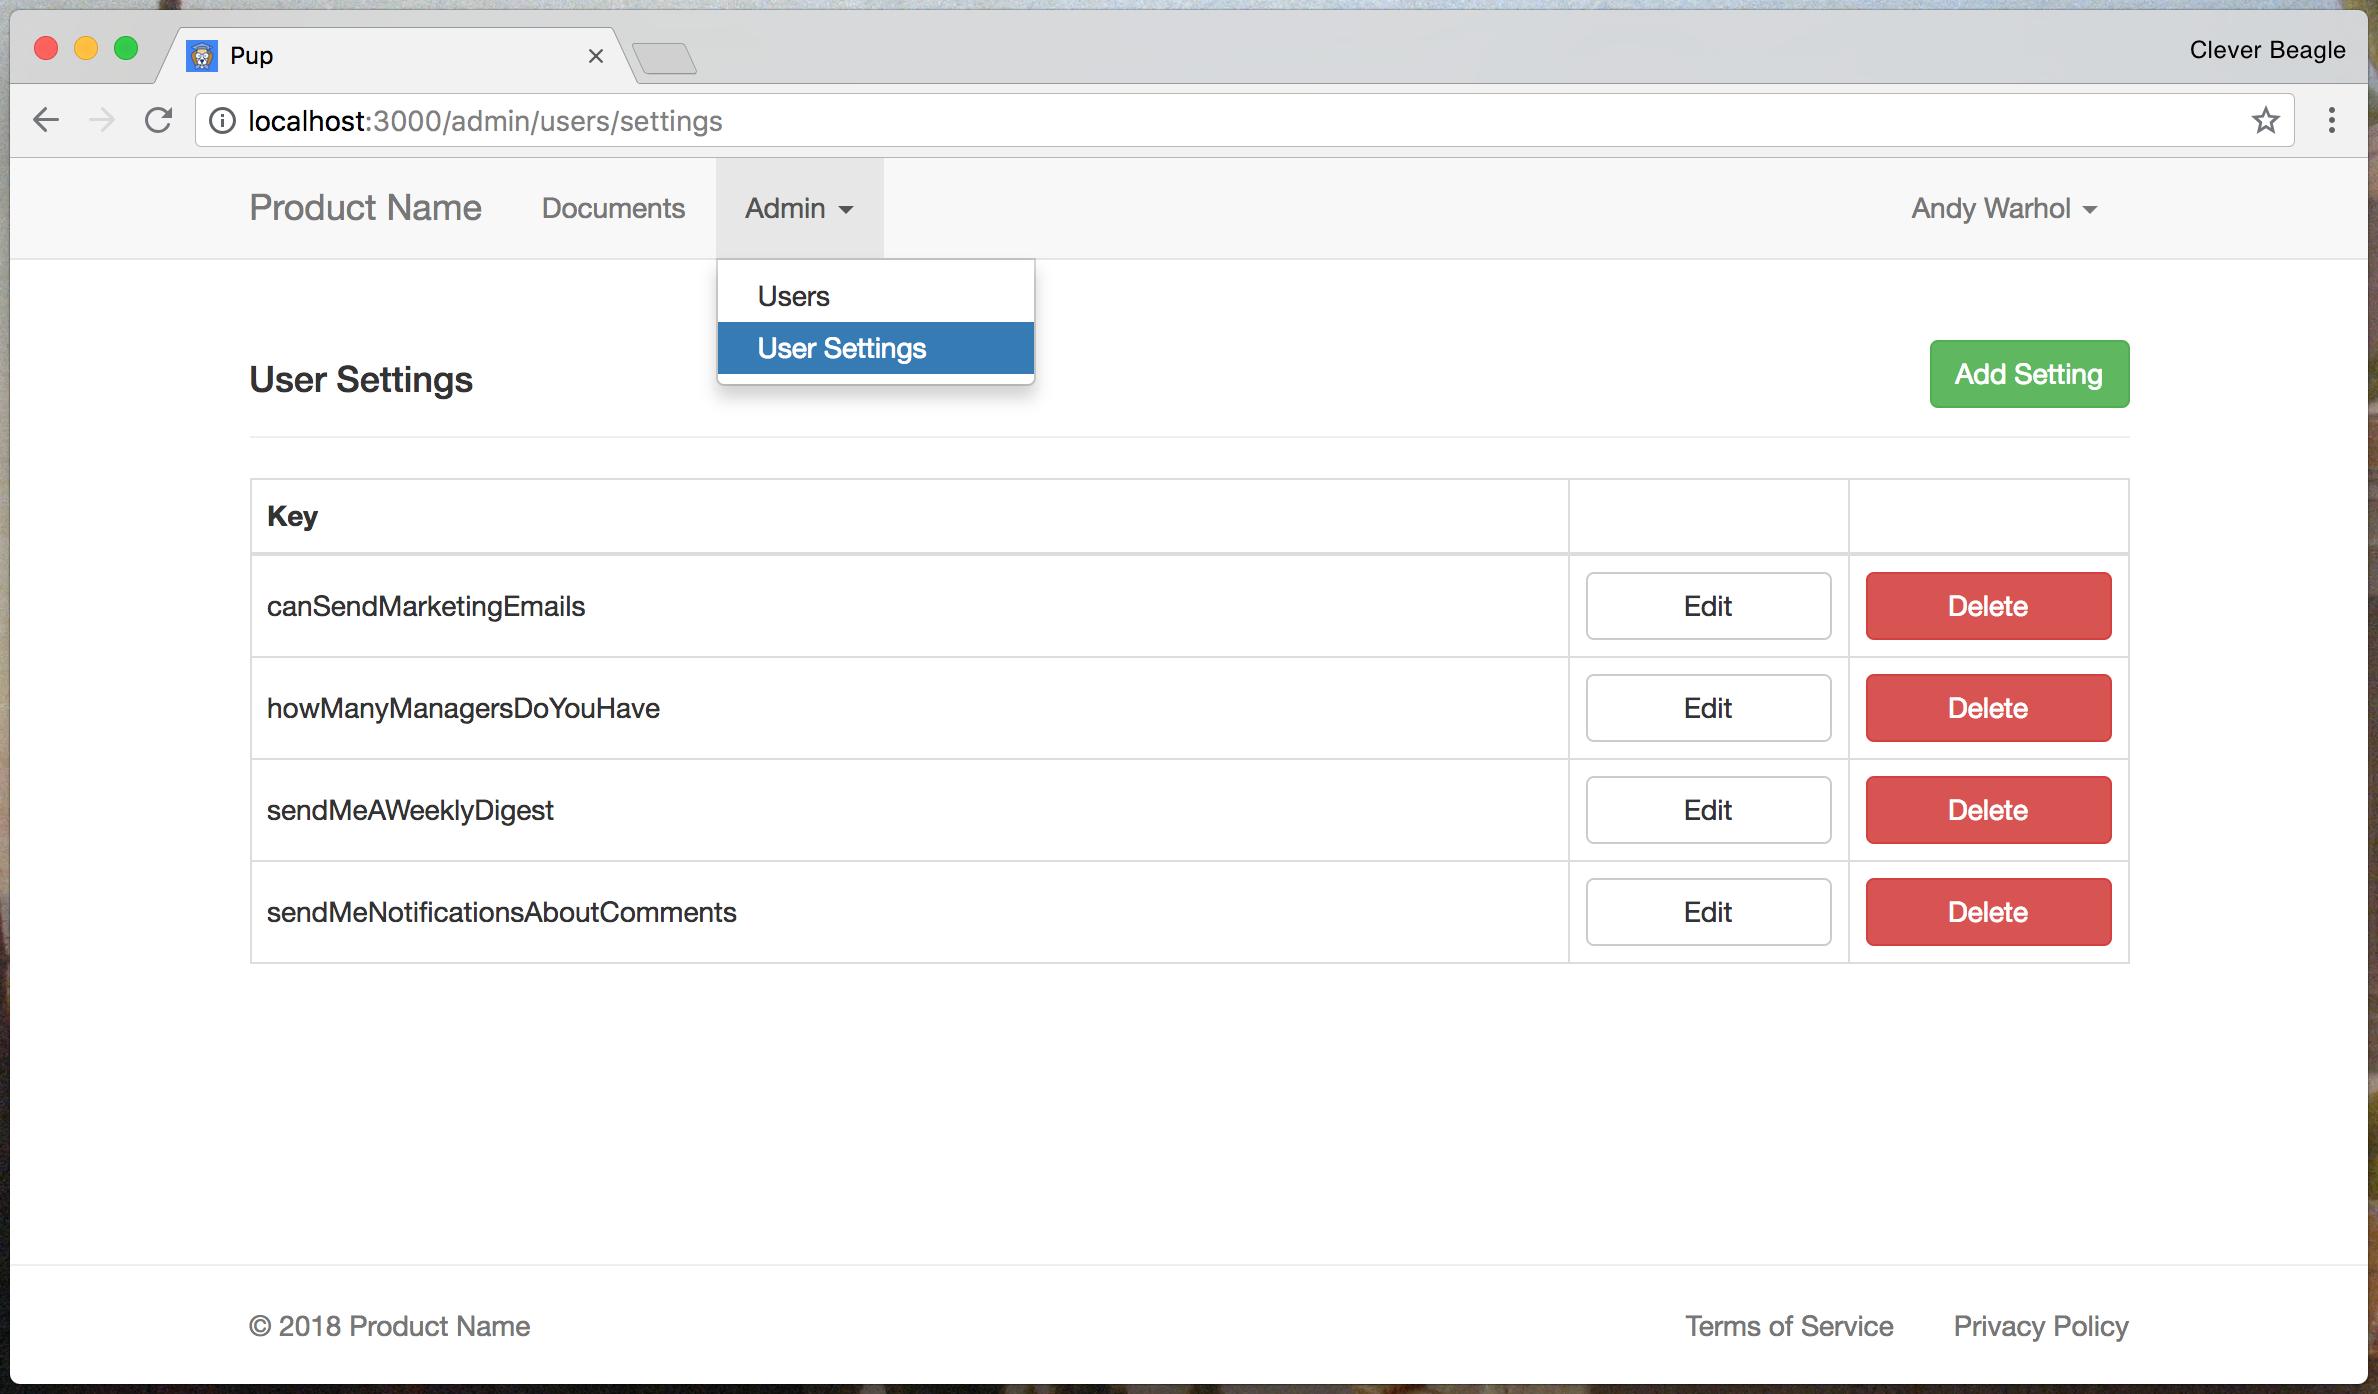 User Settings admin panel in Pup.